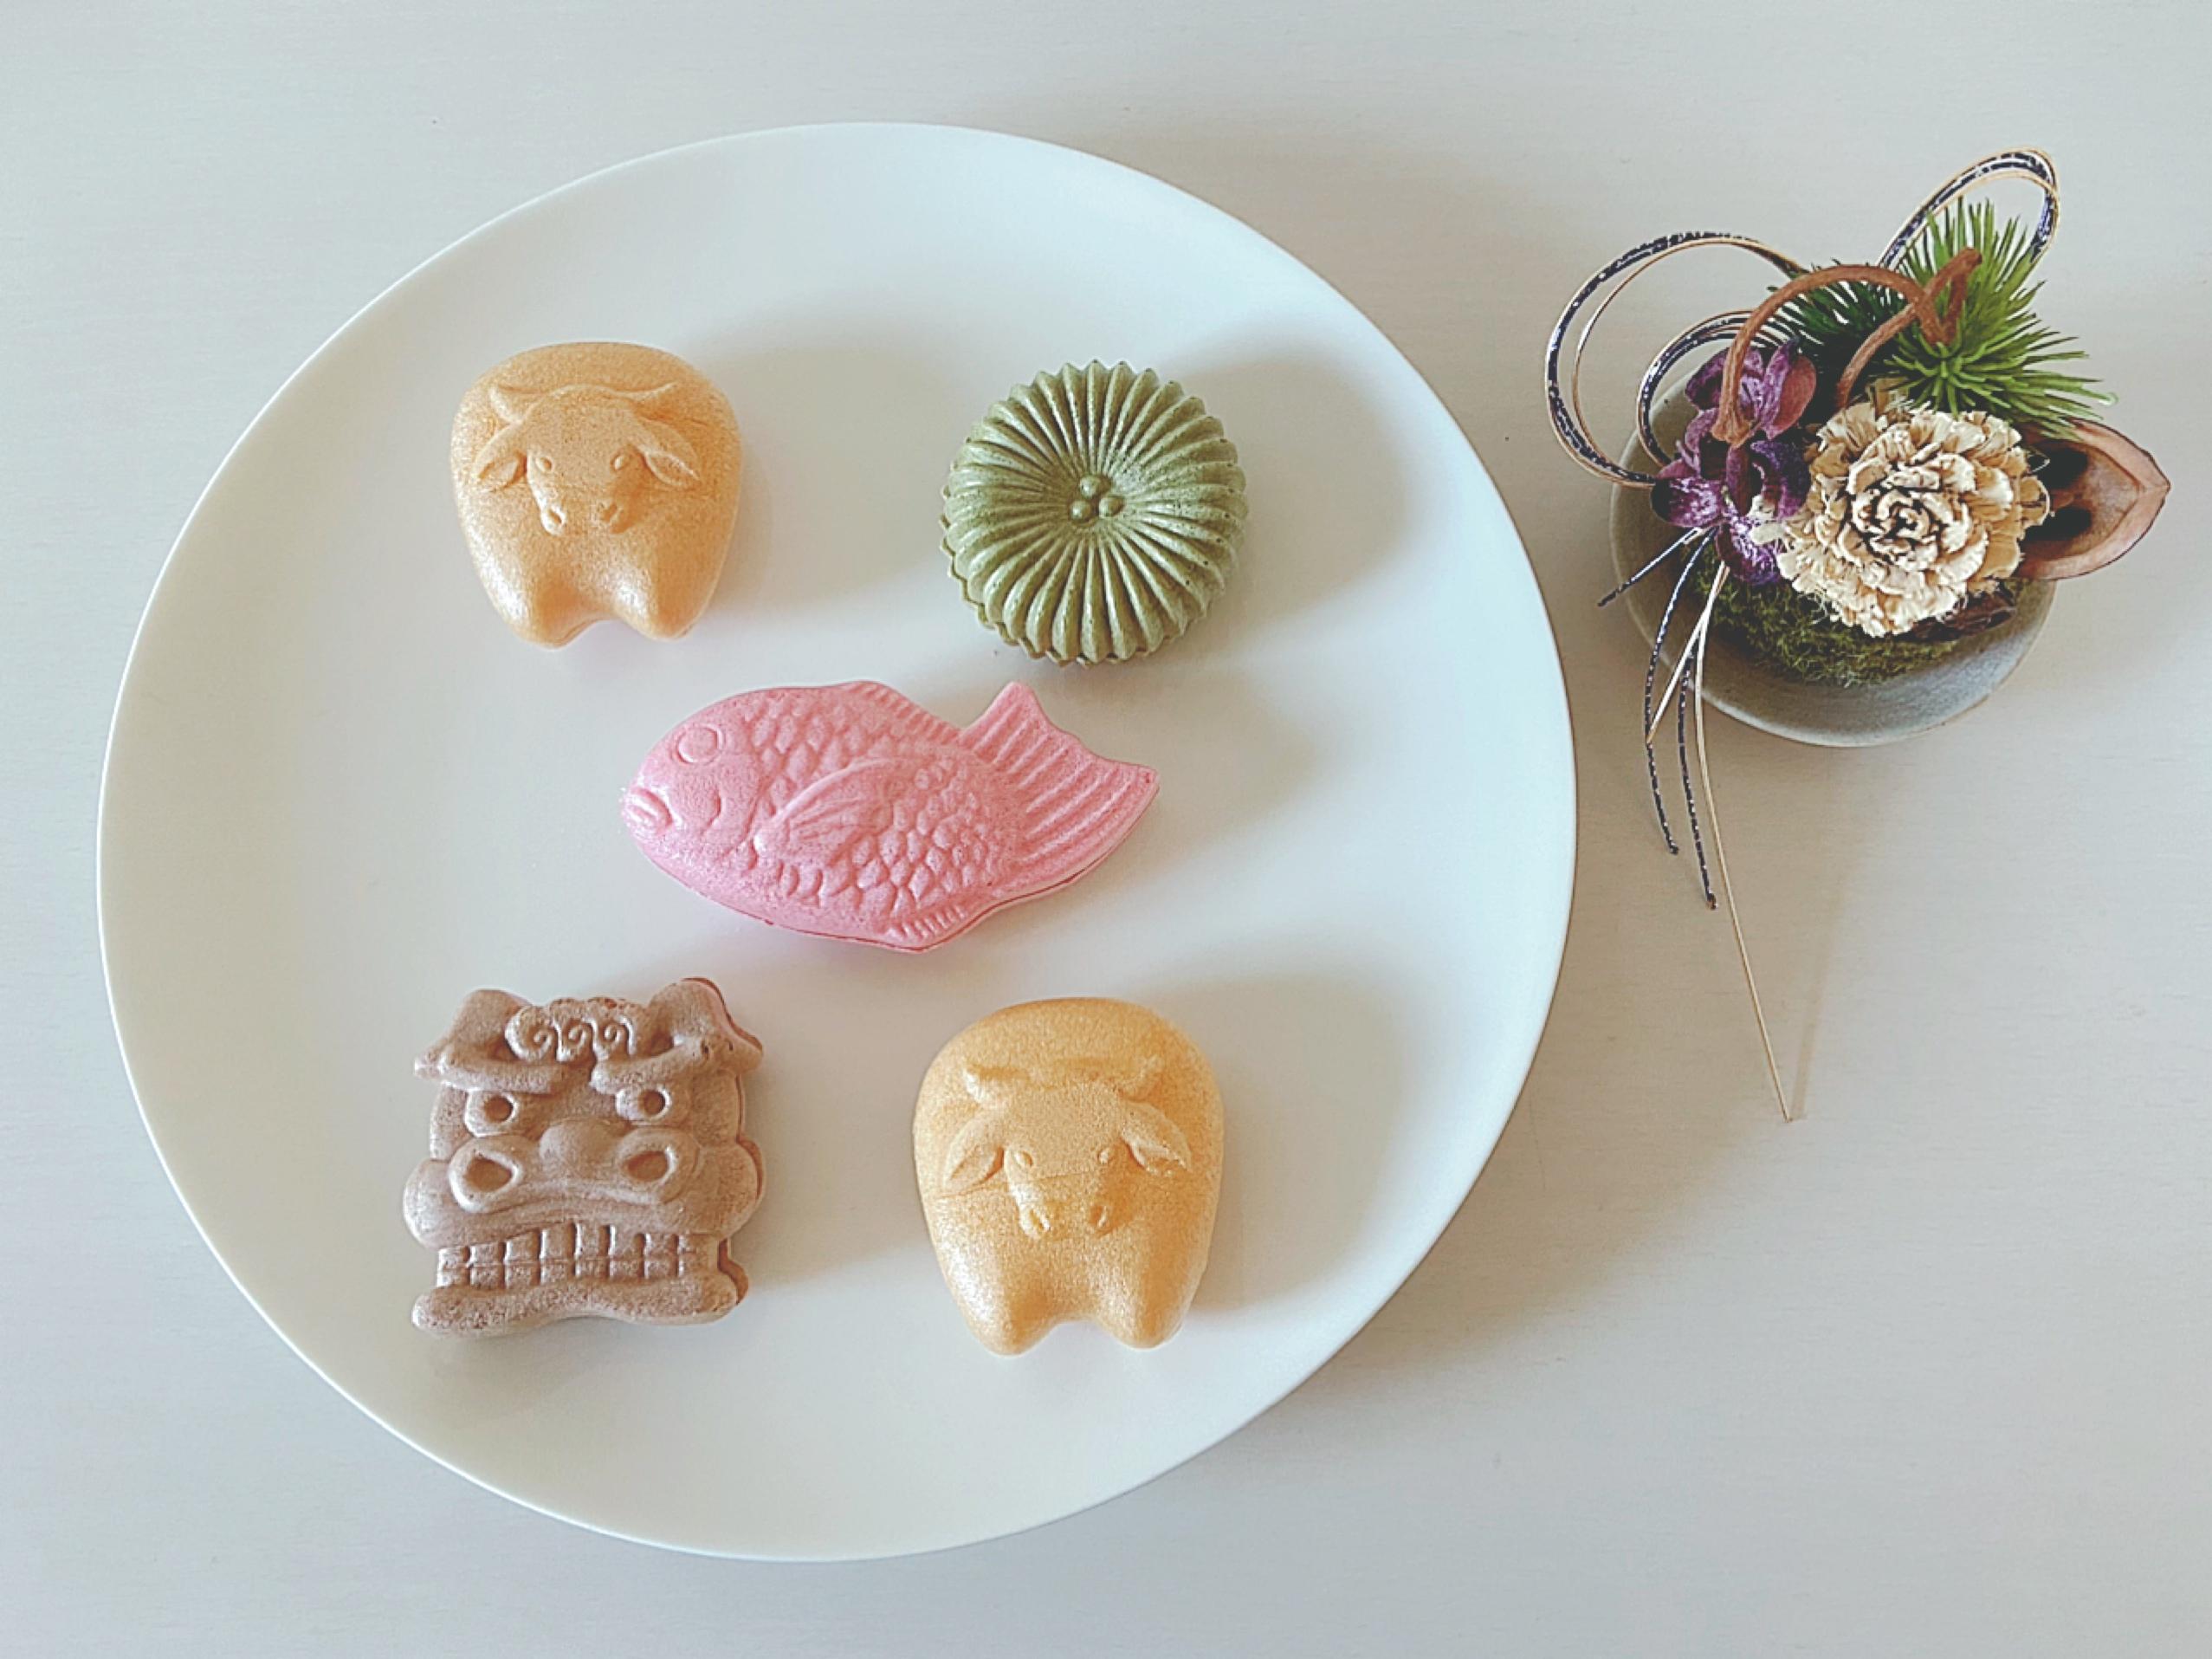 岡山市北区 住宅街にある粋な和菓子屋さん 今八ふたわ